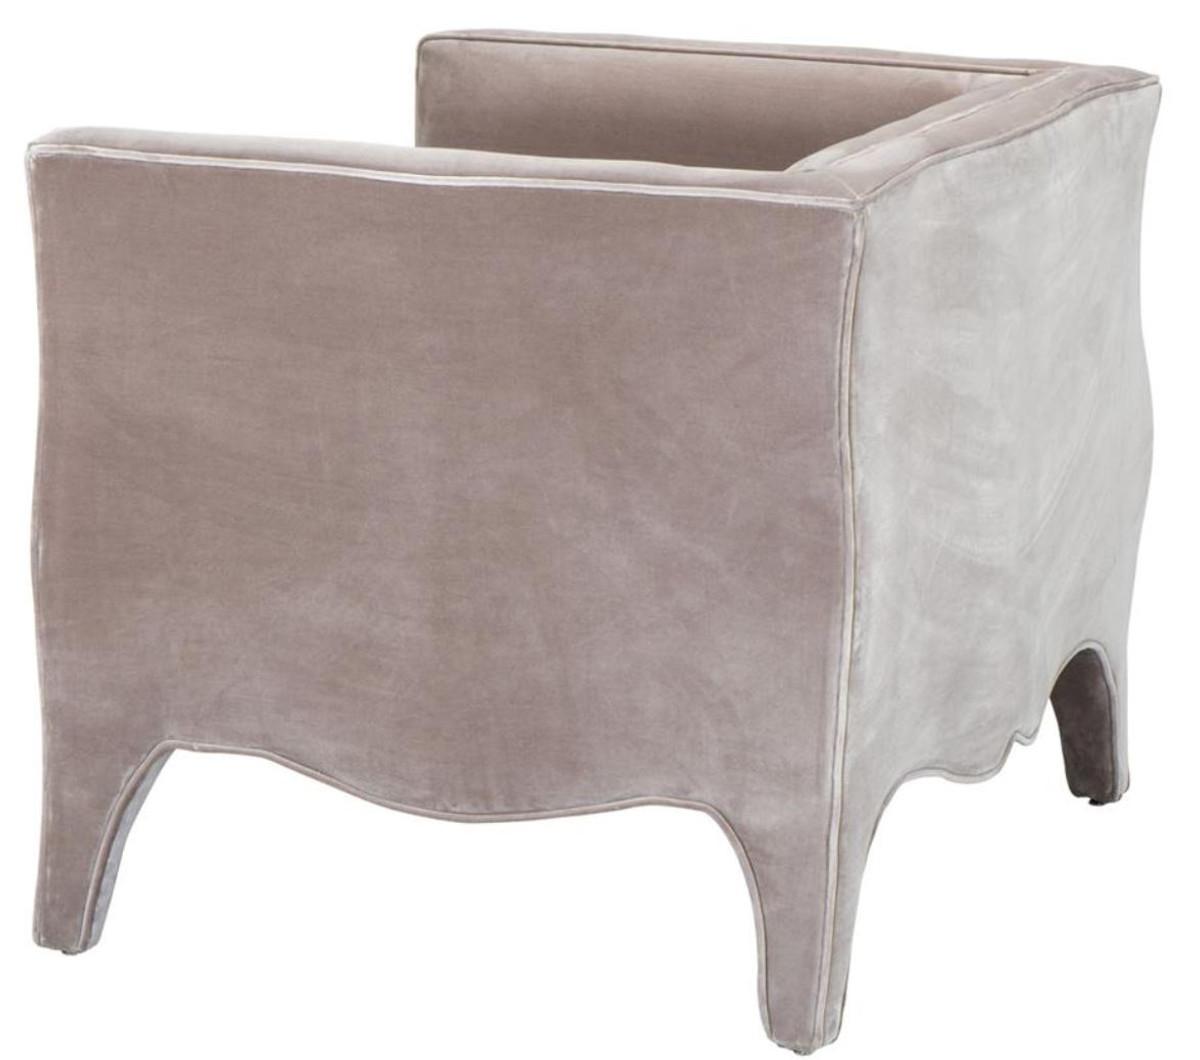 Casa Padrino Luxus Wohnzimmer Samt Sessel Grau 100 x 79 x H. 75 cm - Wohnzimmermöbel 4